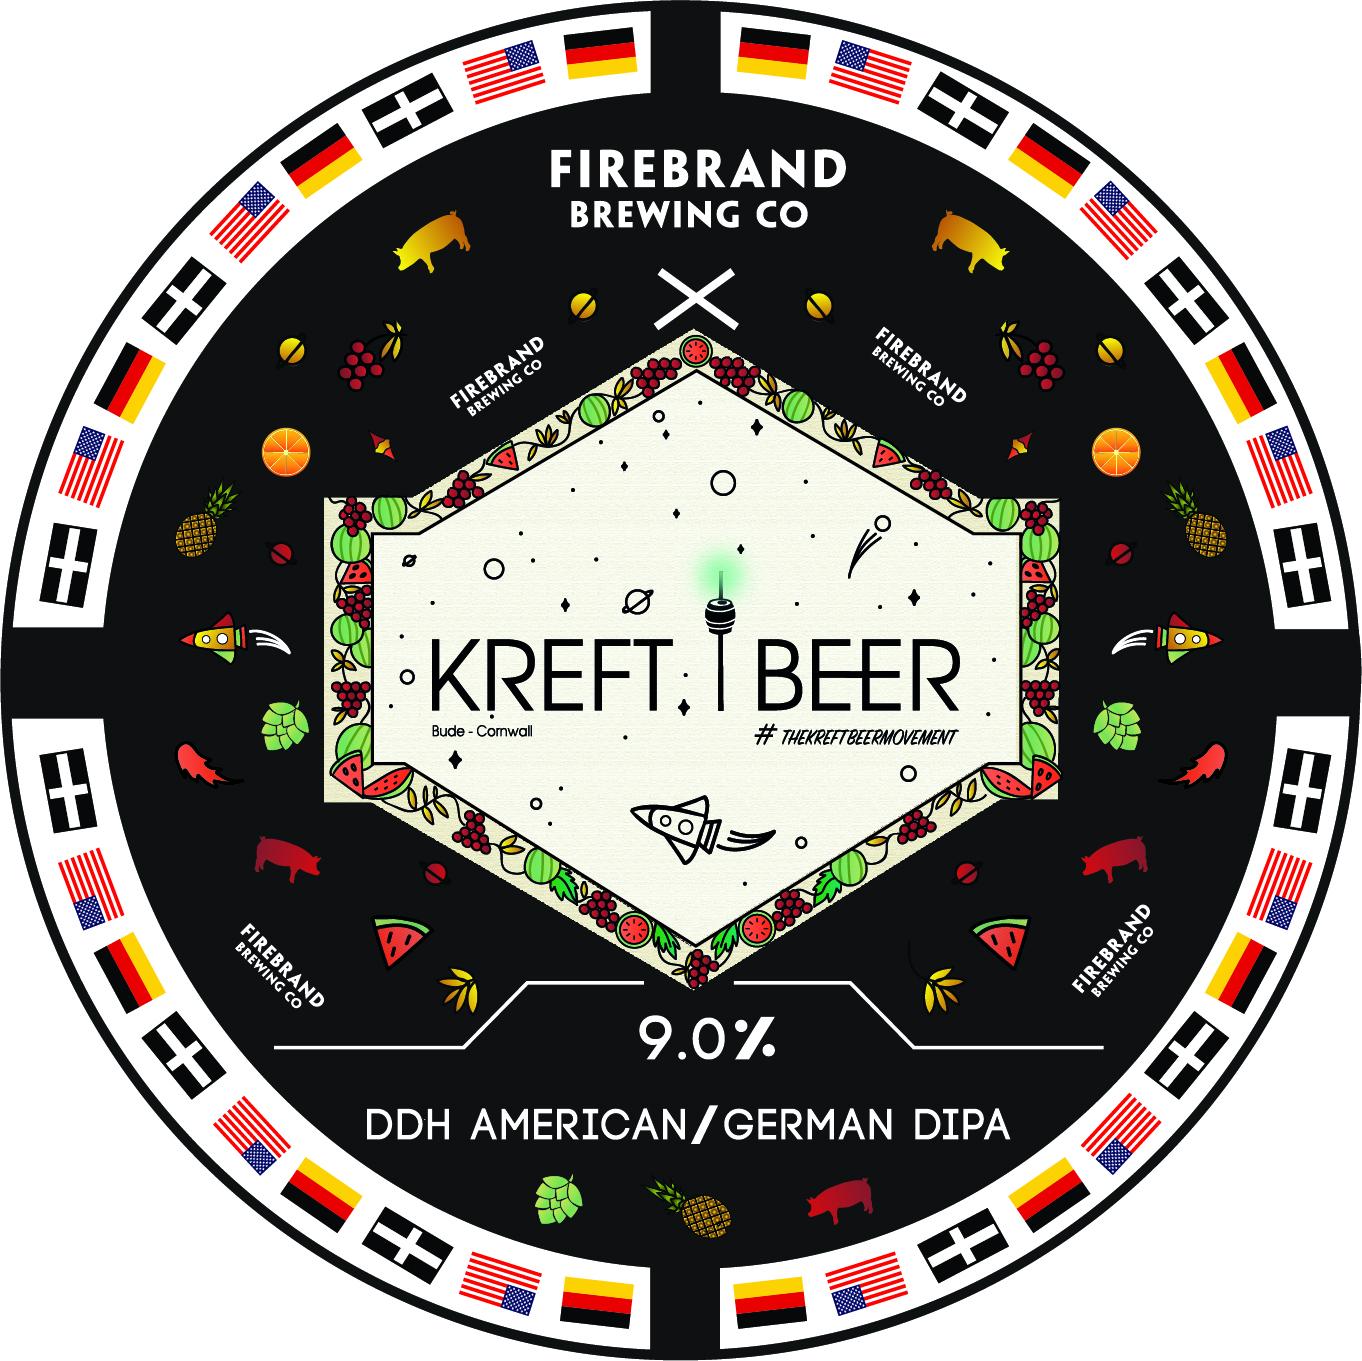 FIREBRAND BREWING CO x KREFT BEER